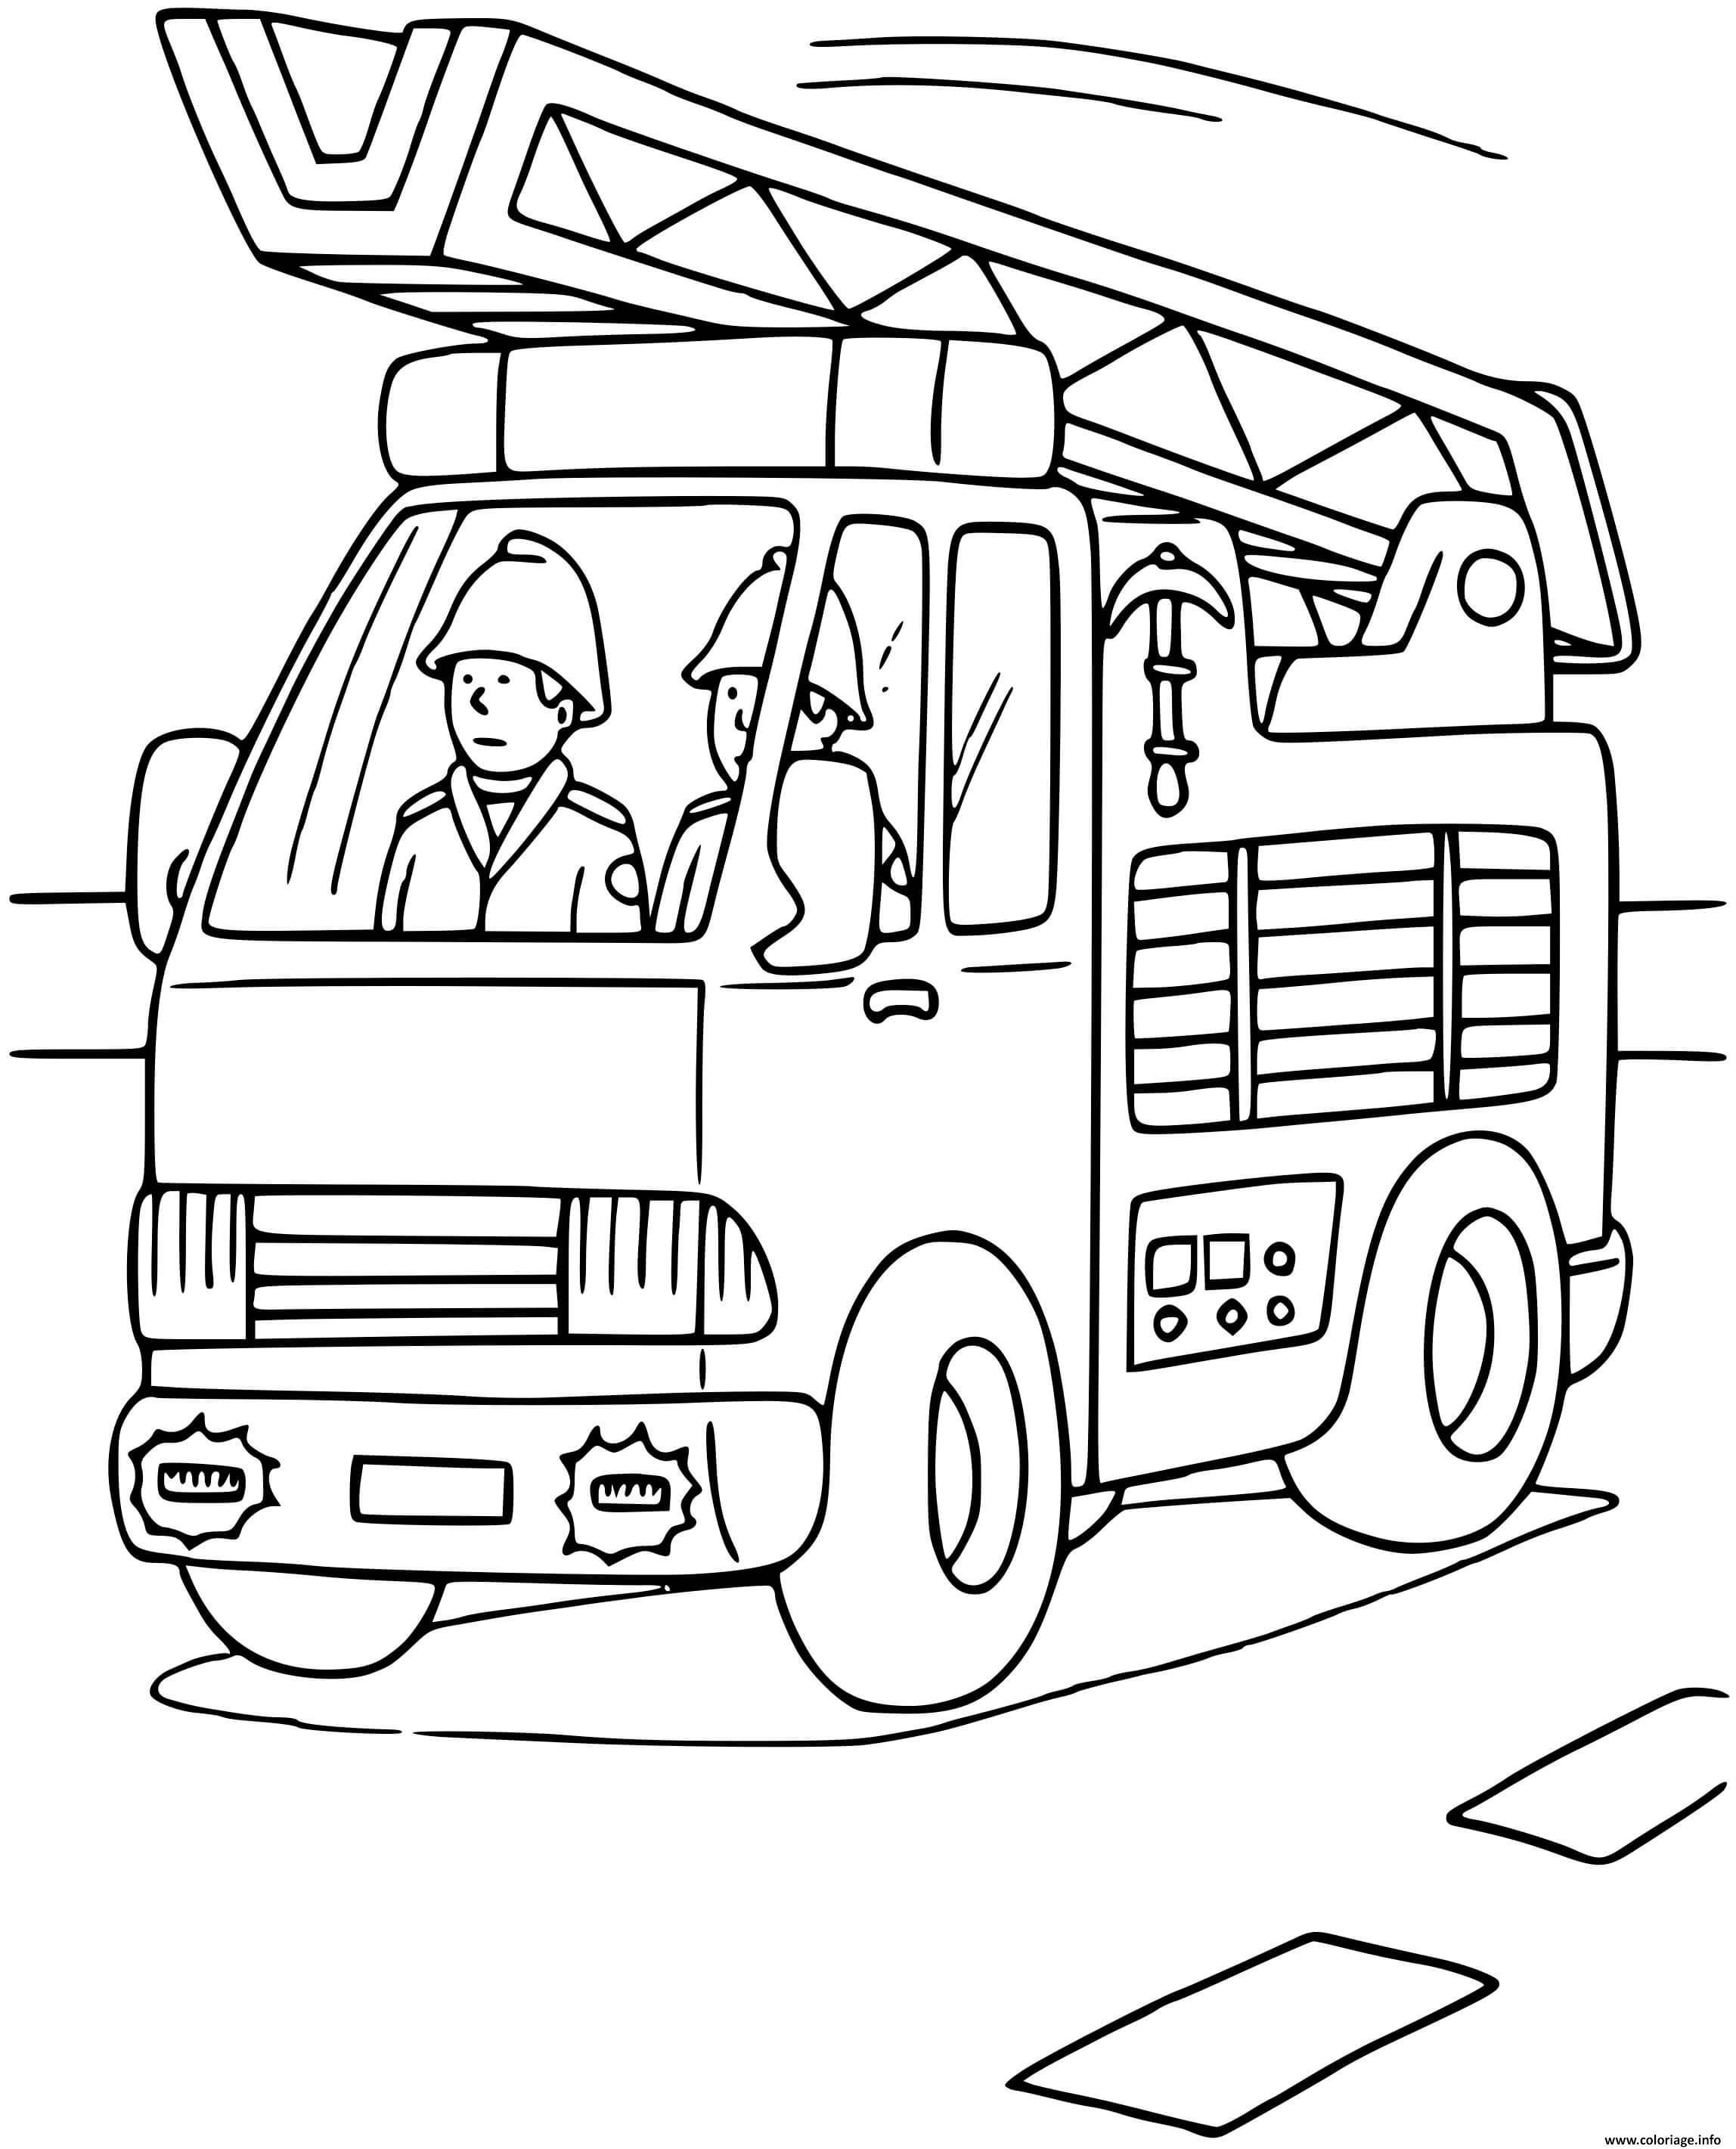 Dessin camion des pompiers avec echelle Coloriage Gratuit à Imprimer